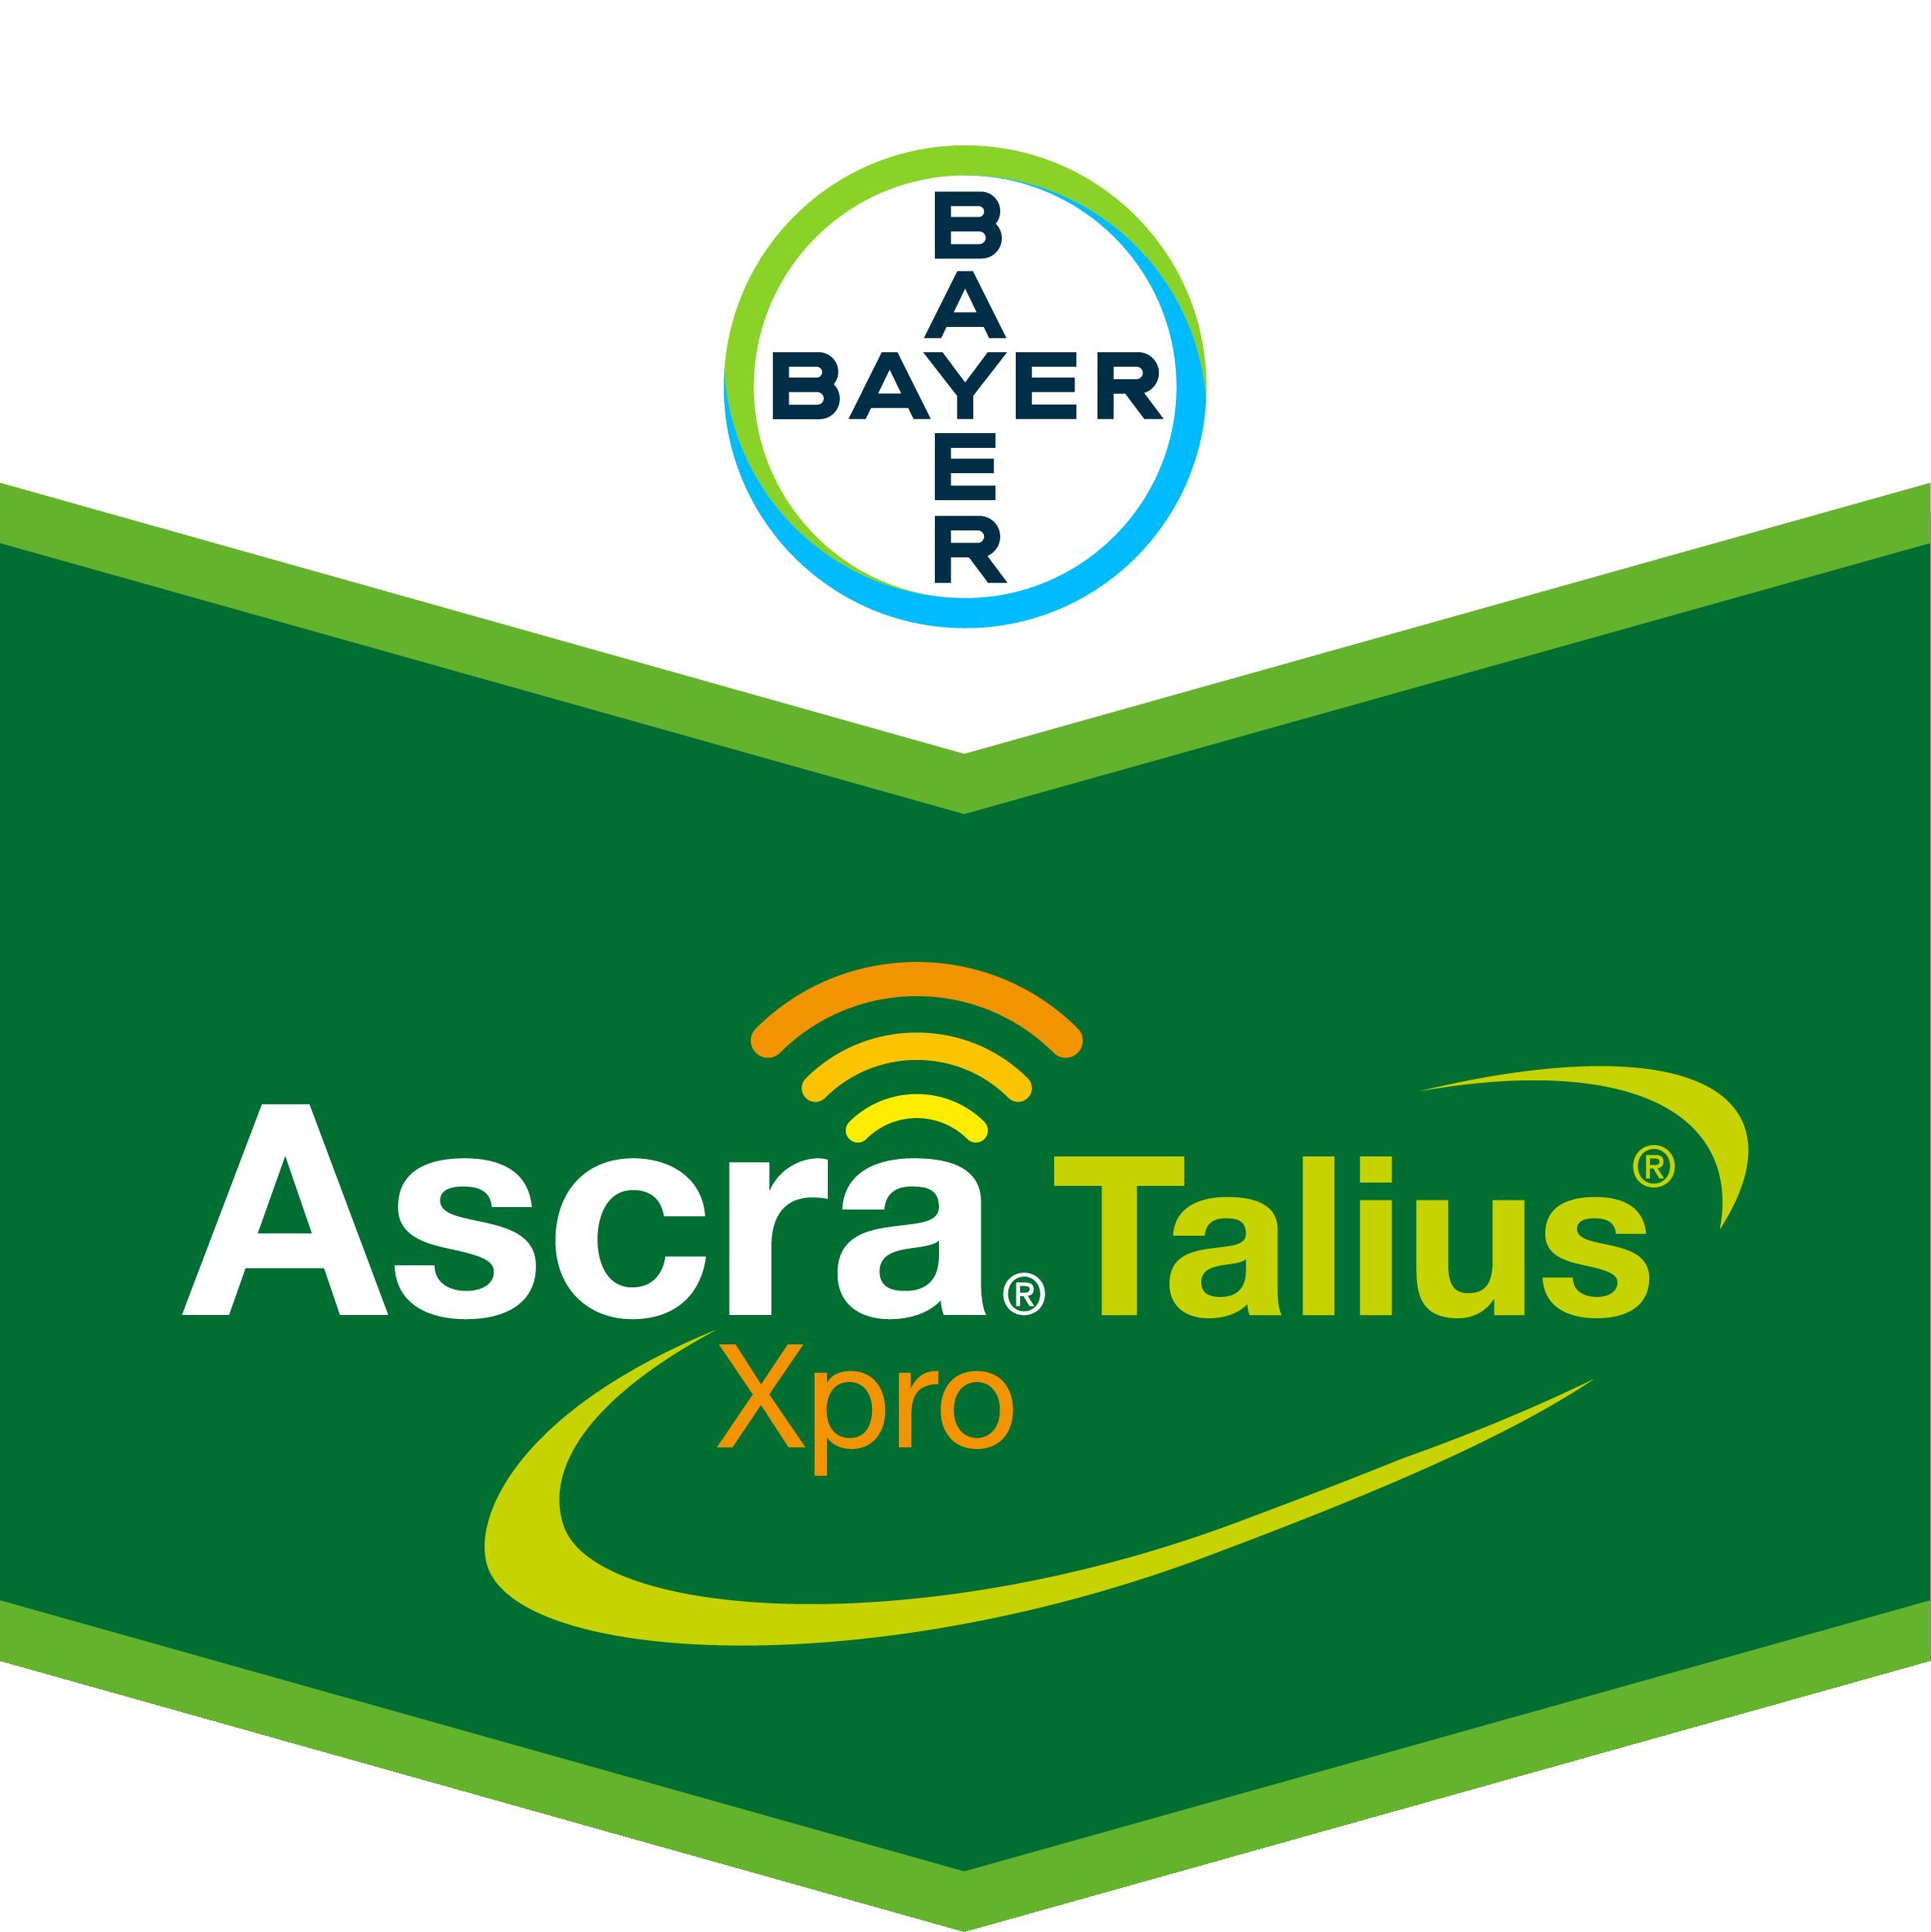 Ascra® Xpro Talius®¹